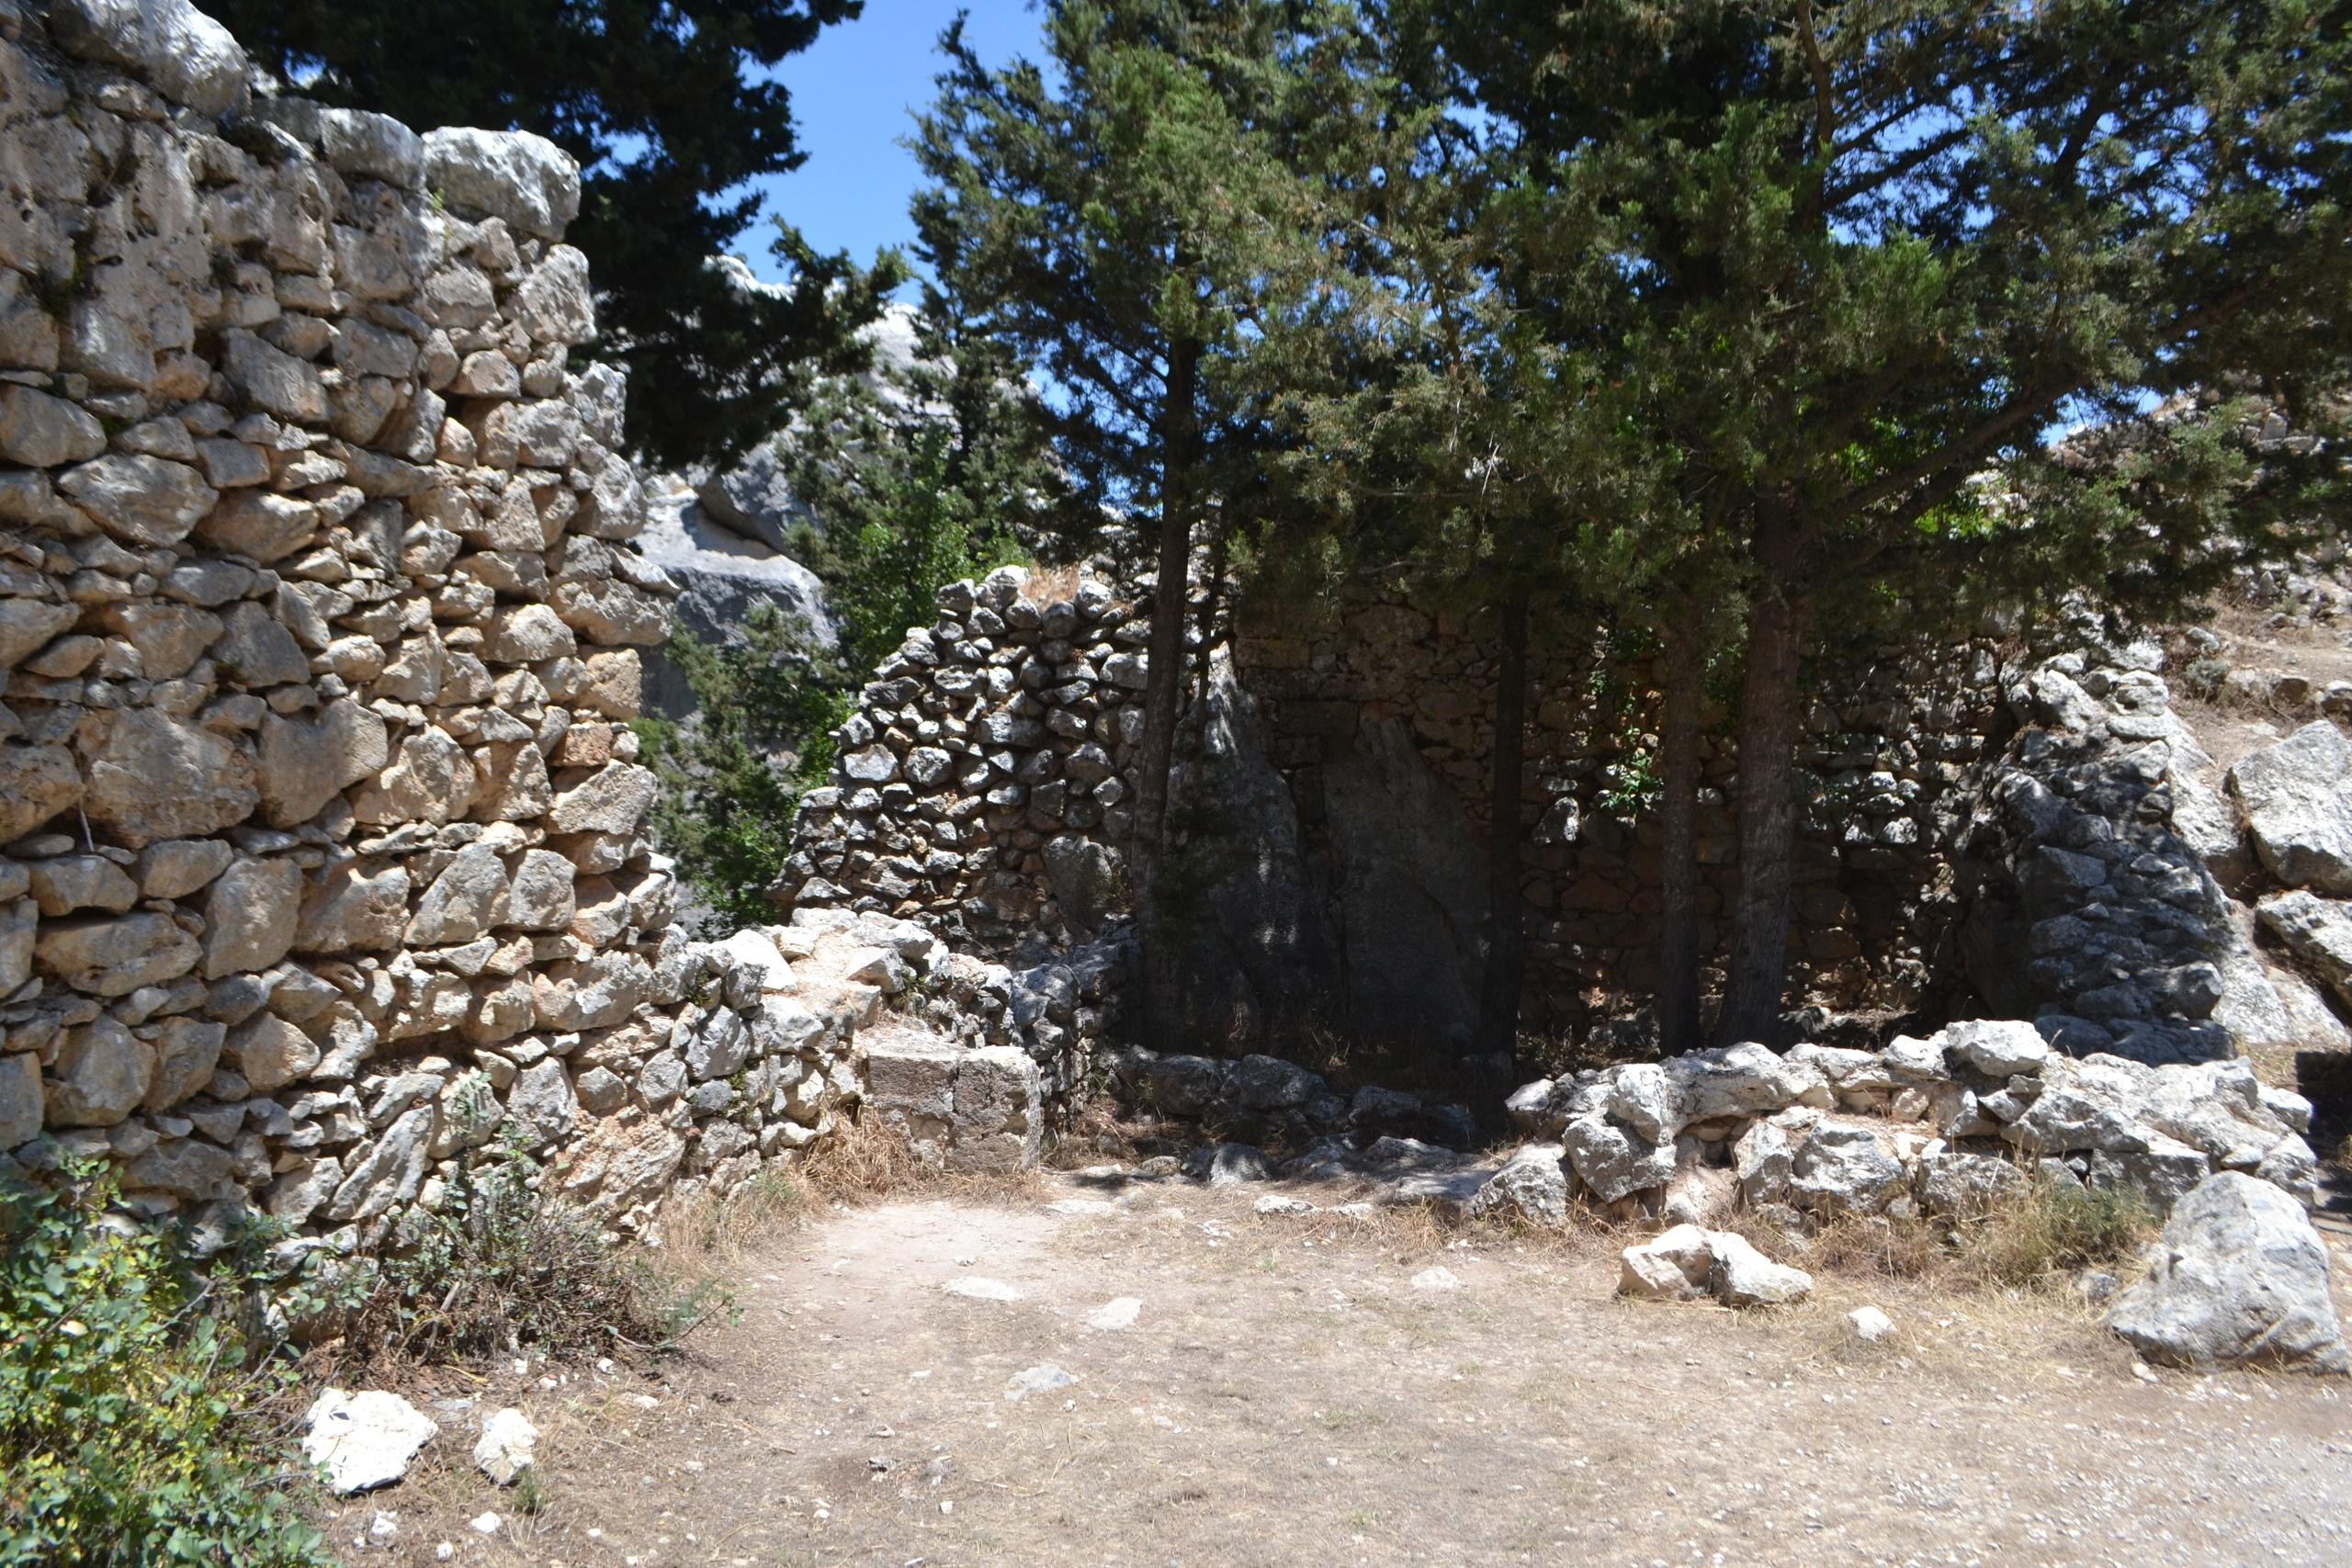 Северный Кипр. Замок Святого Иллариона. (фото). - Страница 3 SApGbC5k55k